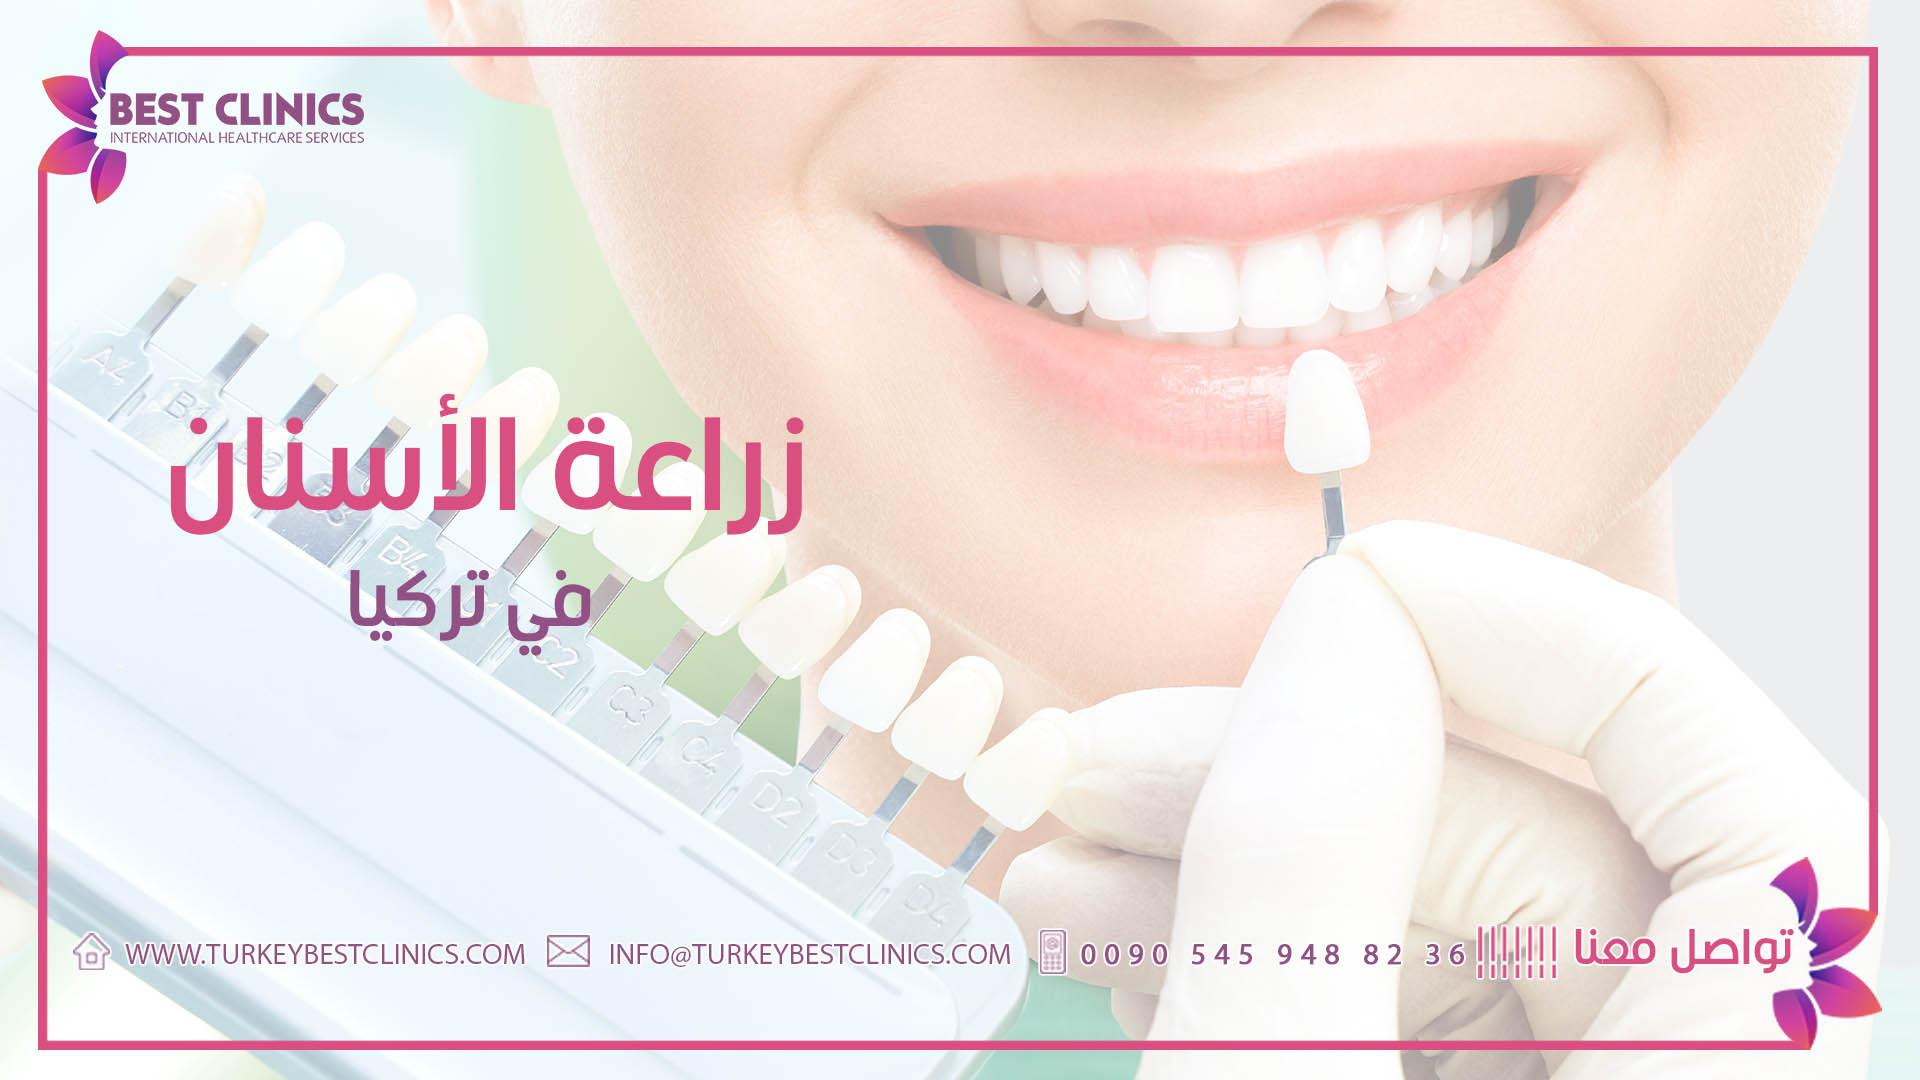 زراعة الأسنان Turkey Best Clinics عيادات الصحة والجمال